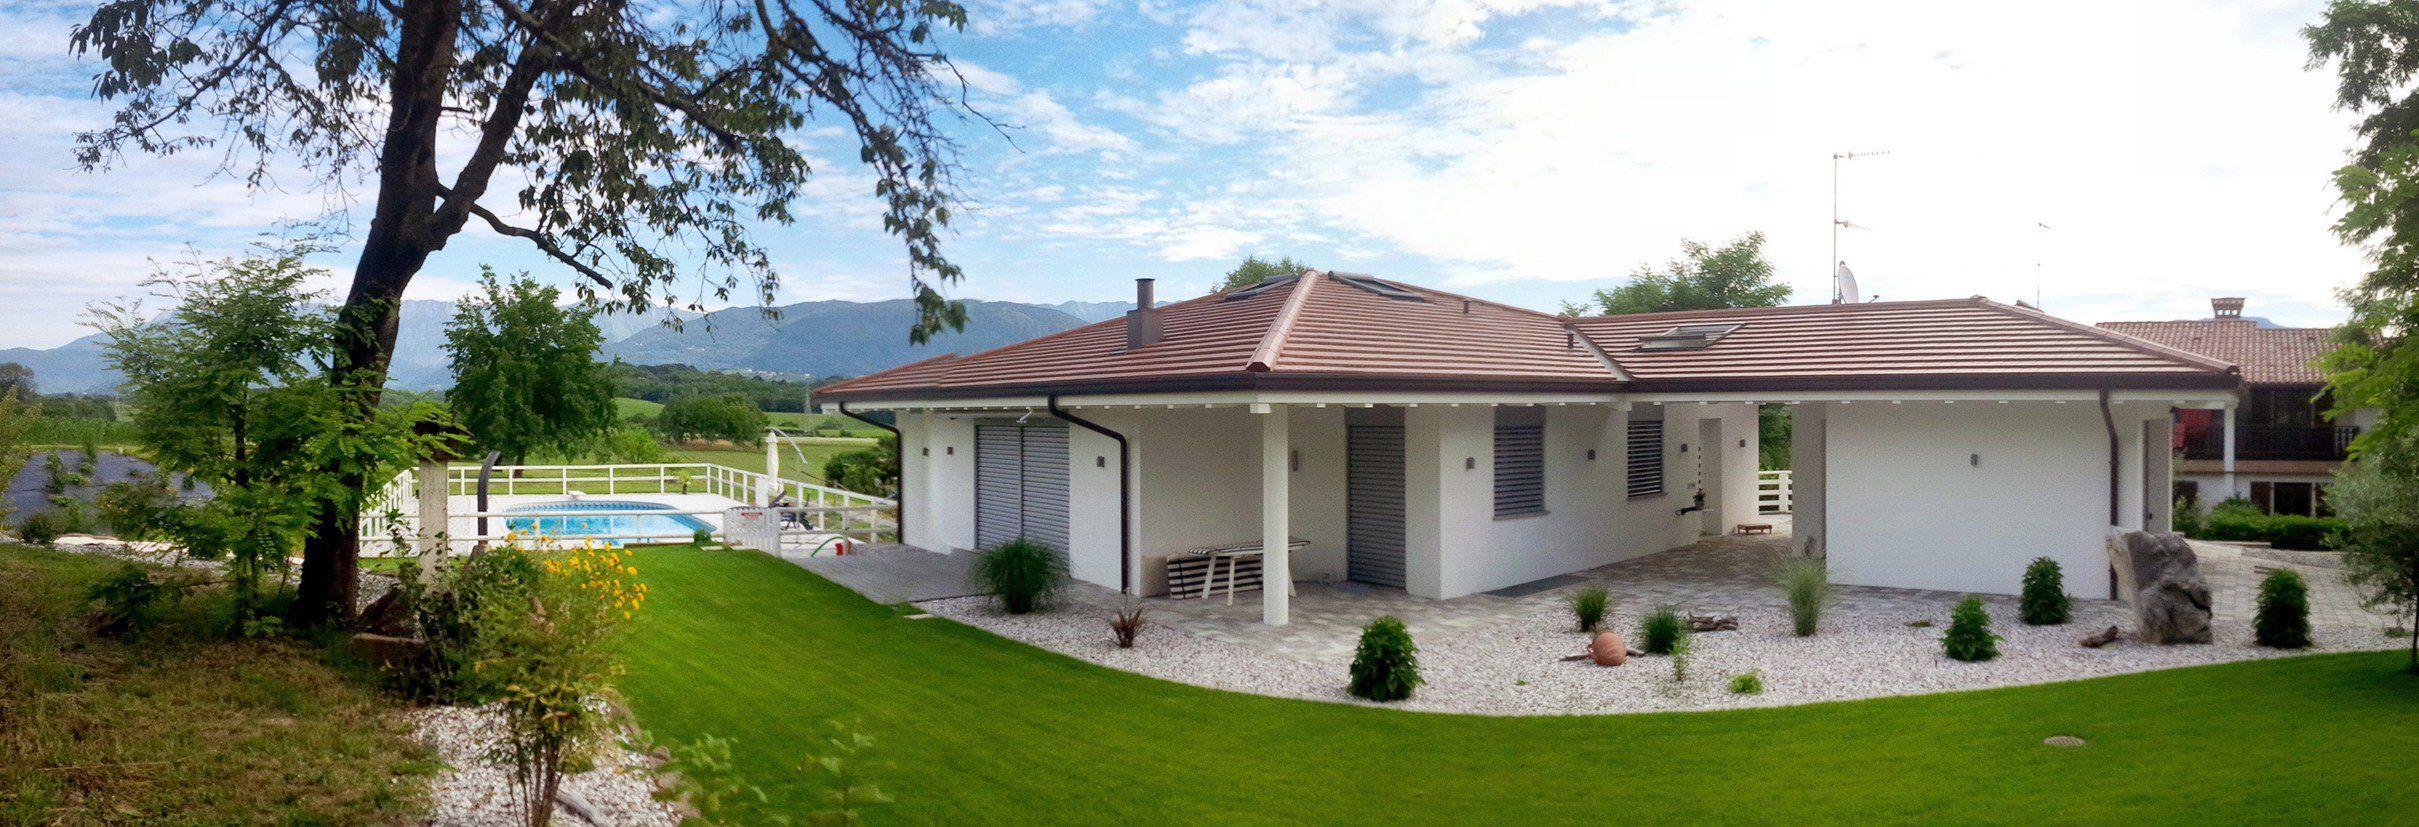 Fakro estetica esclusiva e tecnologia d avanguardia con for Modelli e piani di case